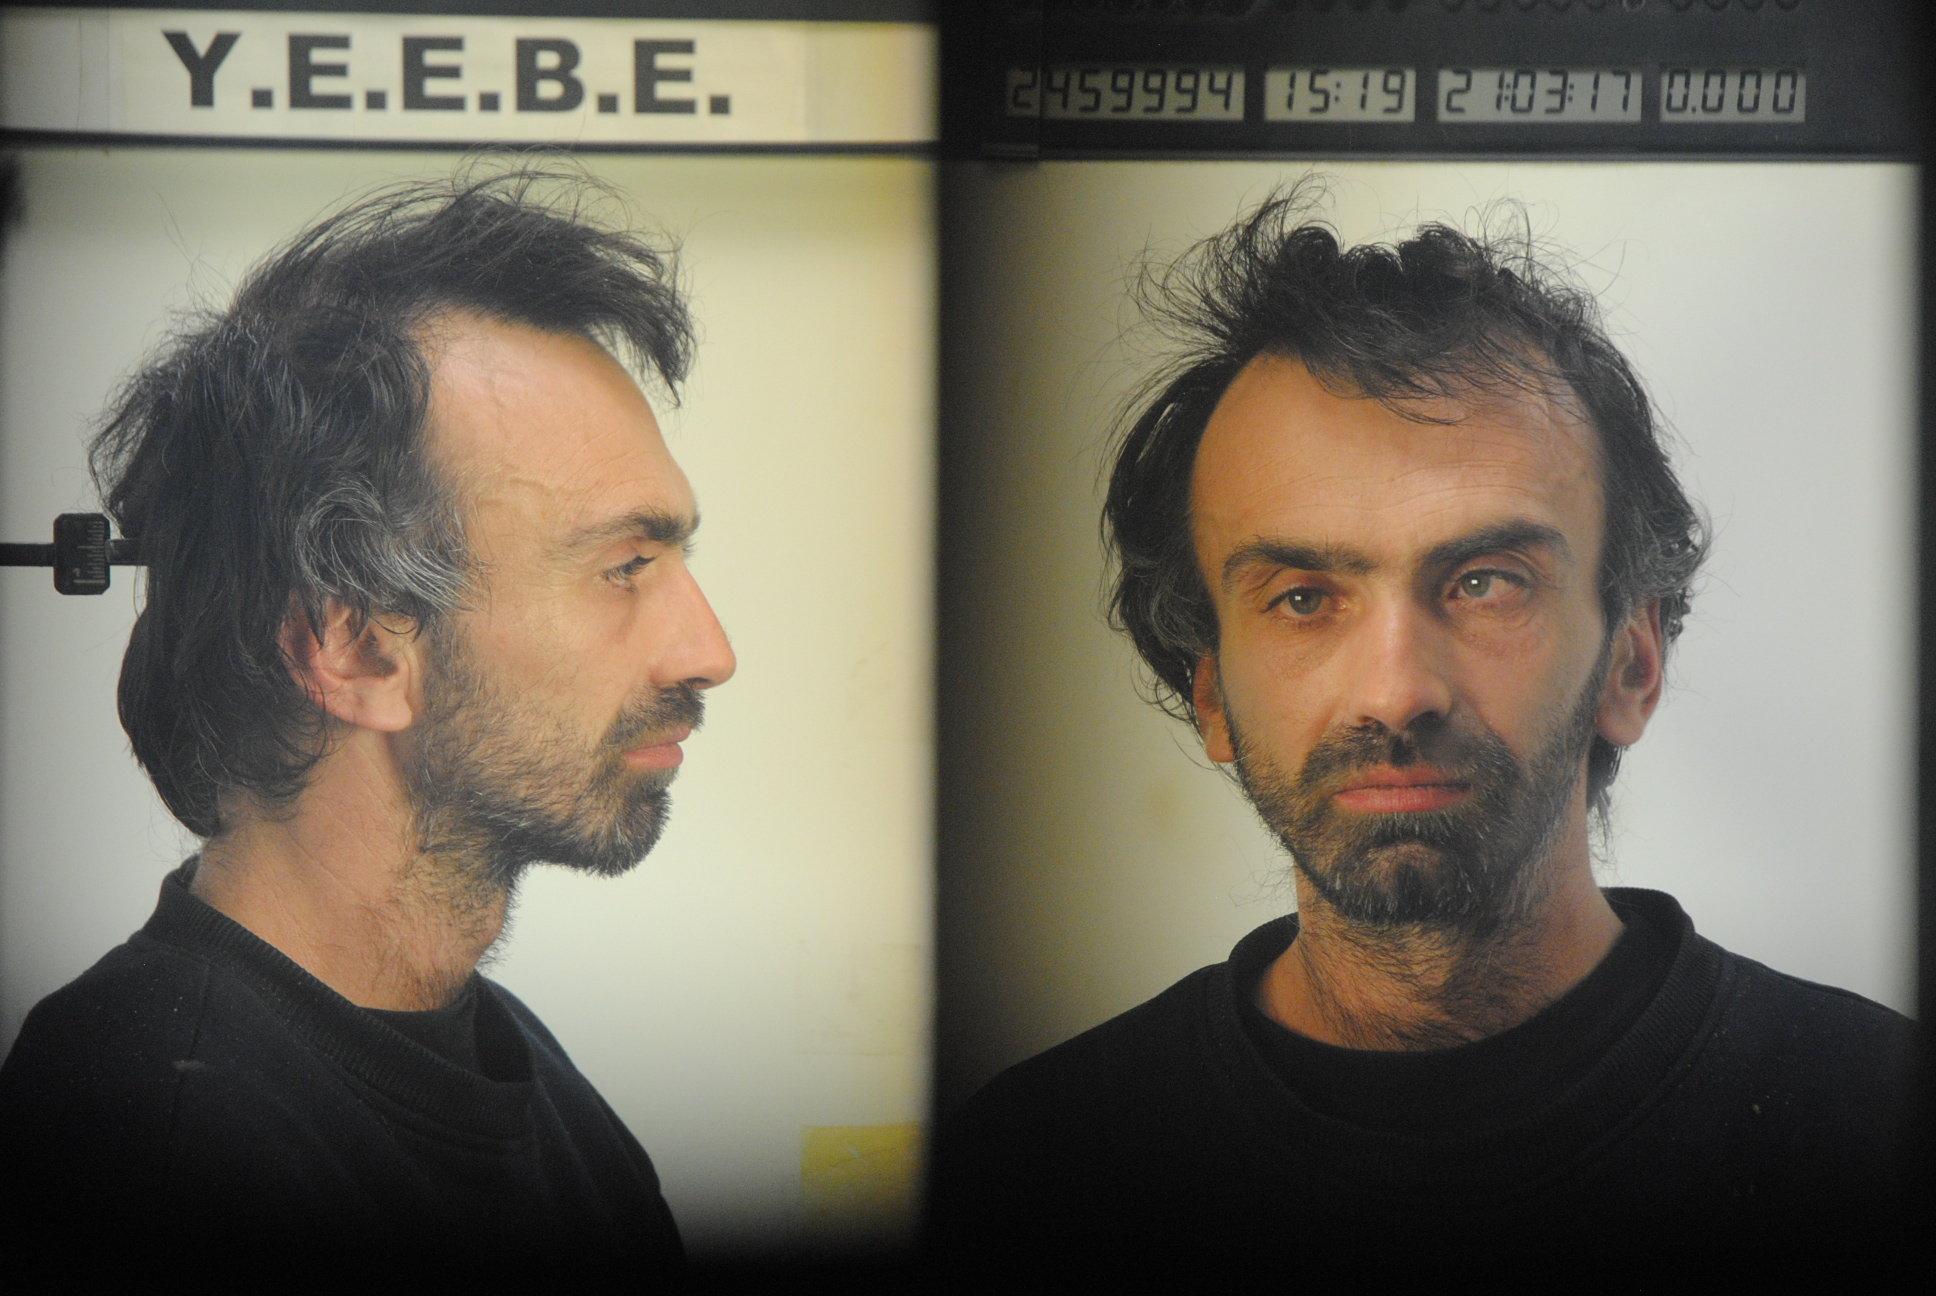 Αυτός είναι ο 39χρονος που ασελγούσε σε αγόρια στη Σταυρούπολη